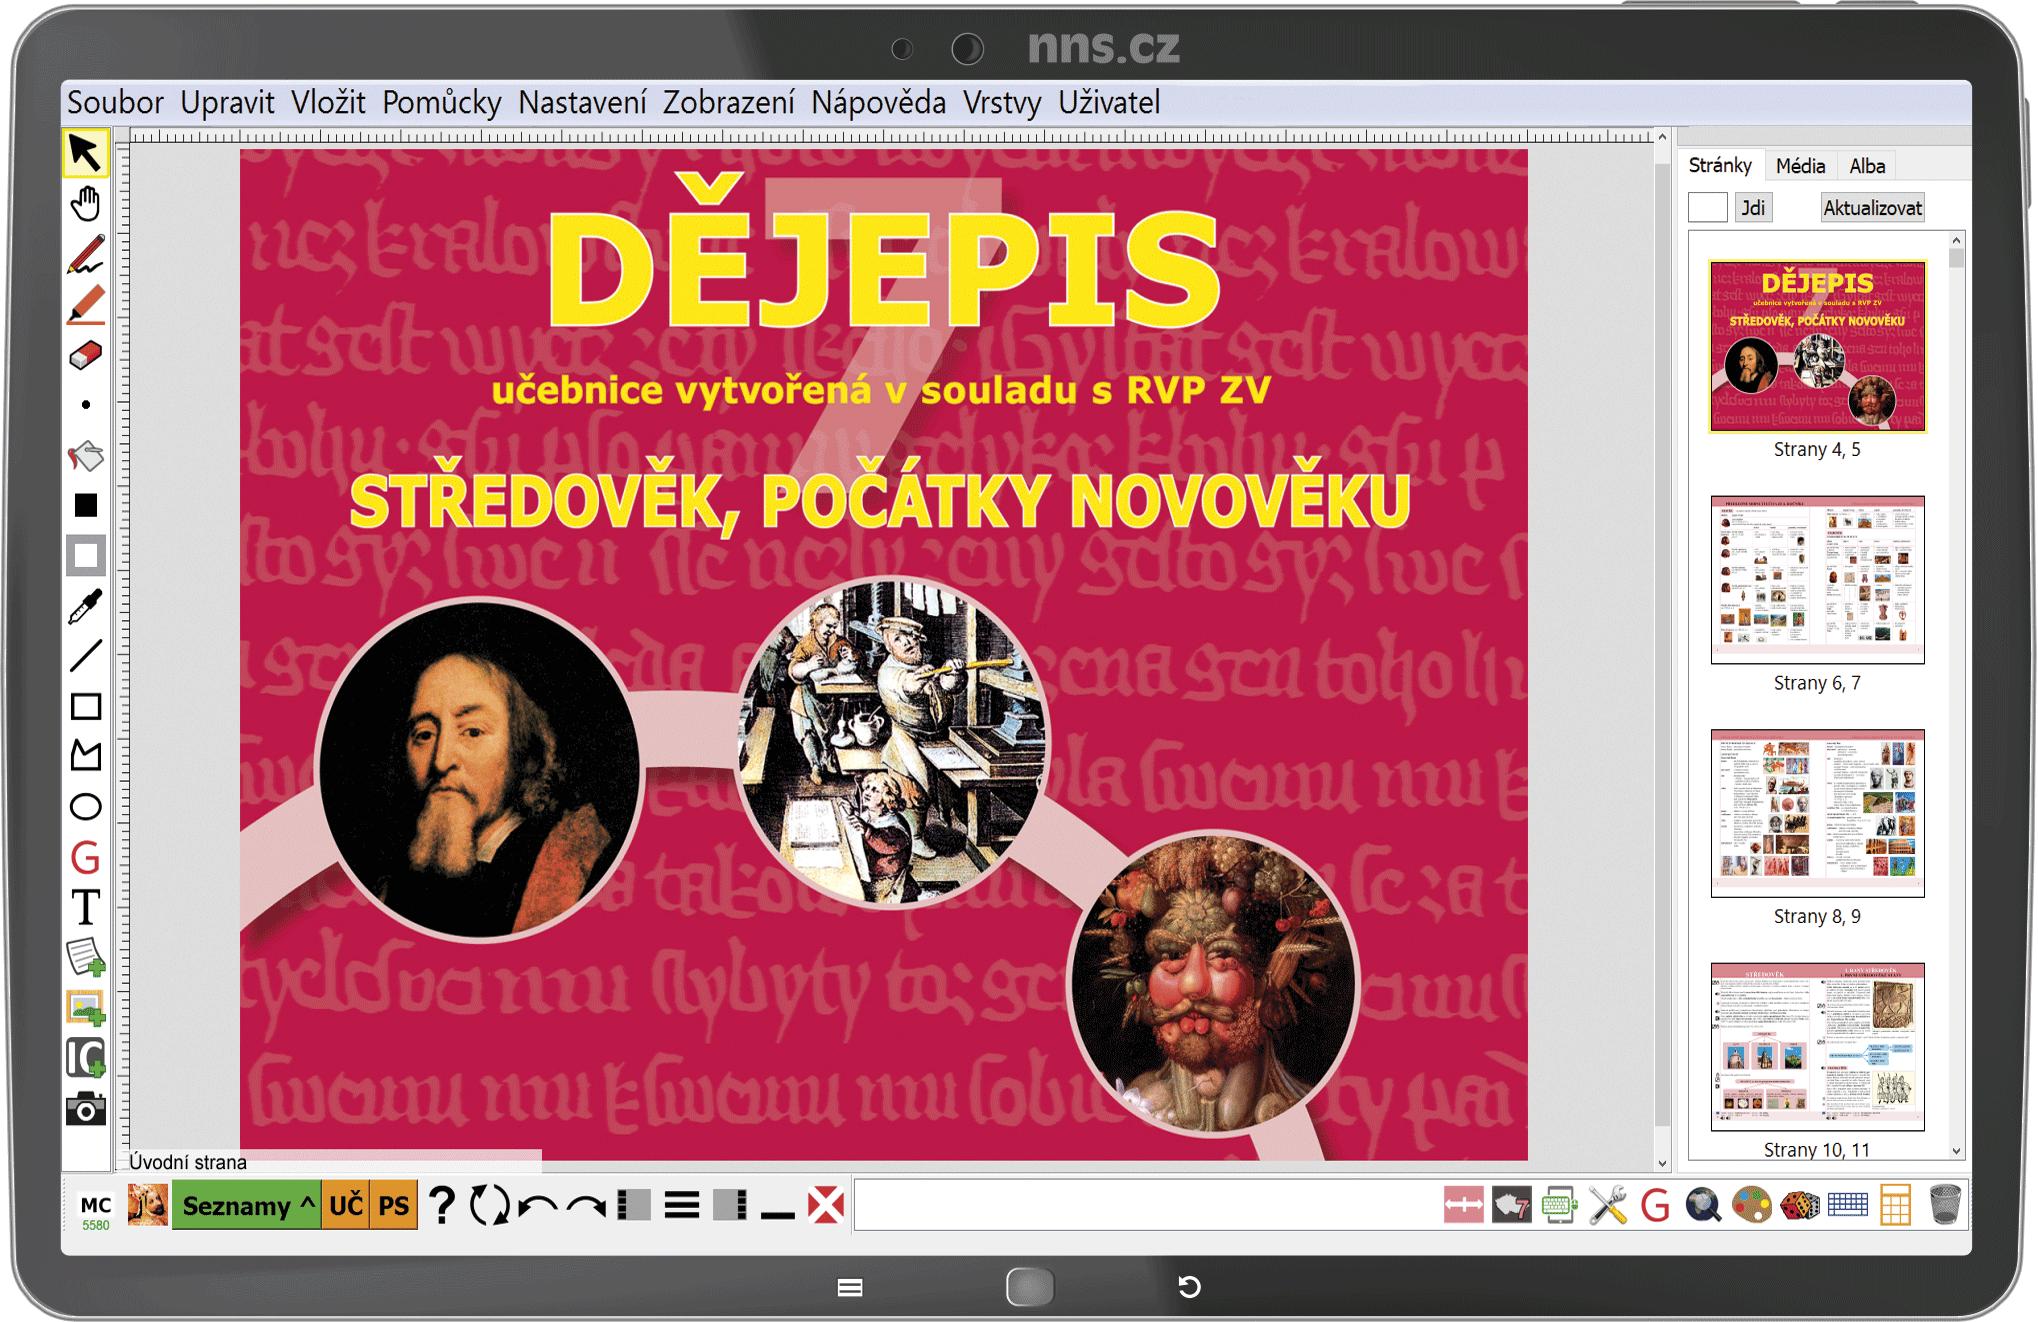 MIUč+ Dějepis 7 - Středověk, počátky novověku - žák. licence na 1 šk. rok